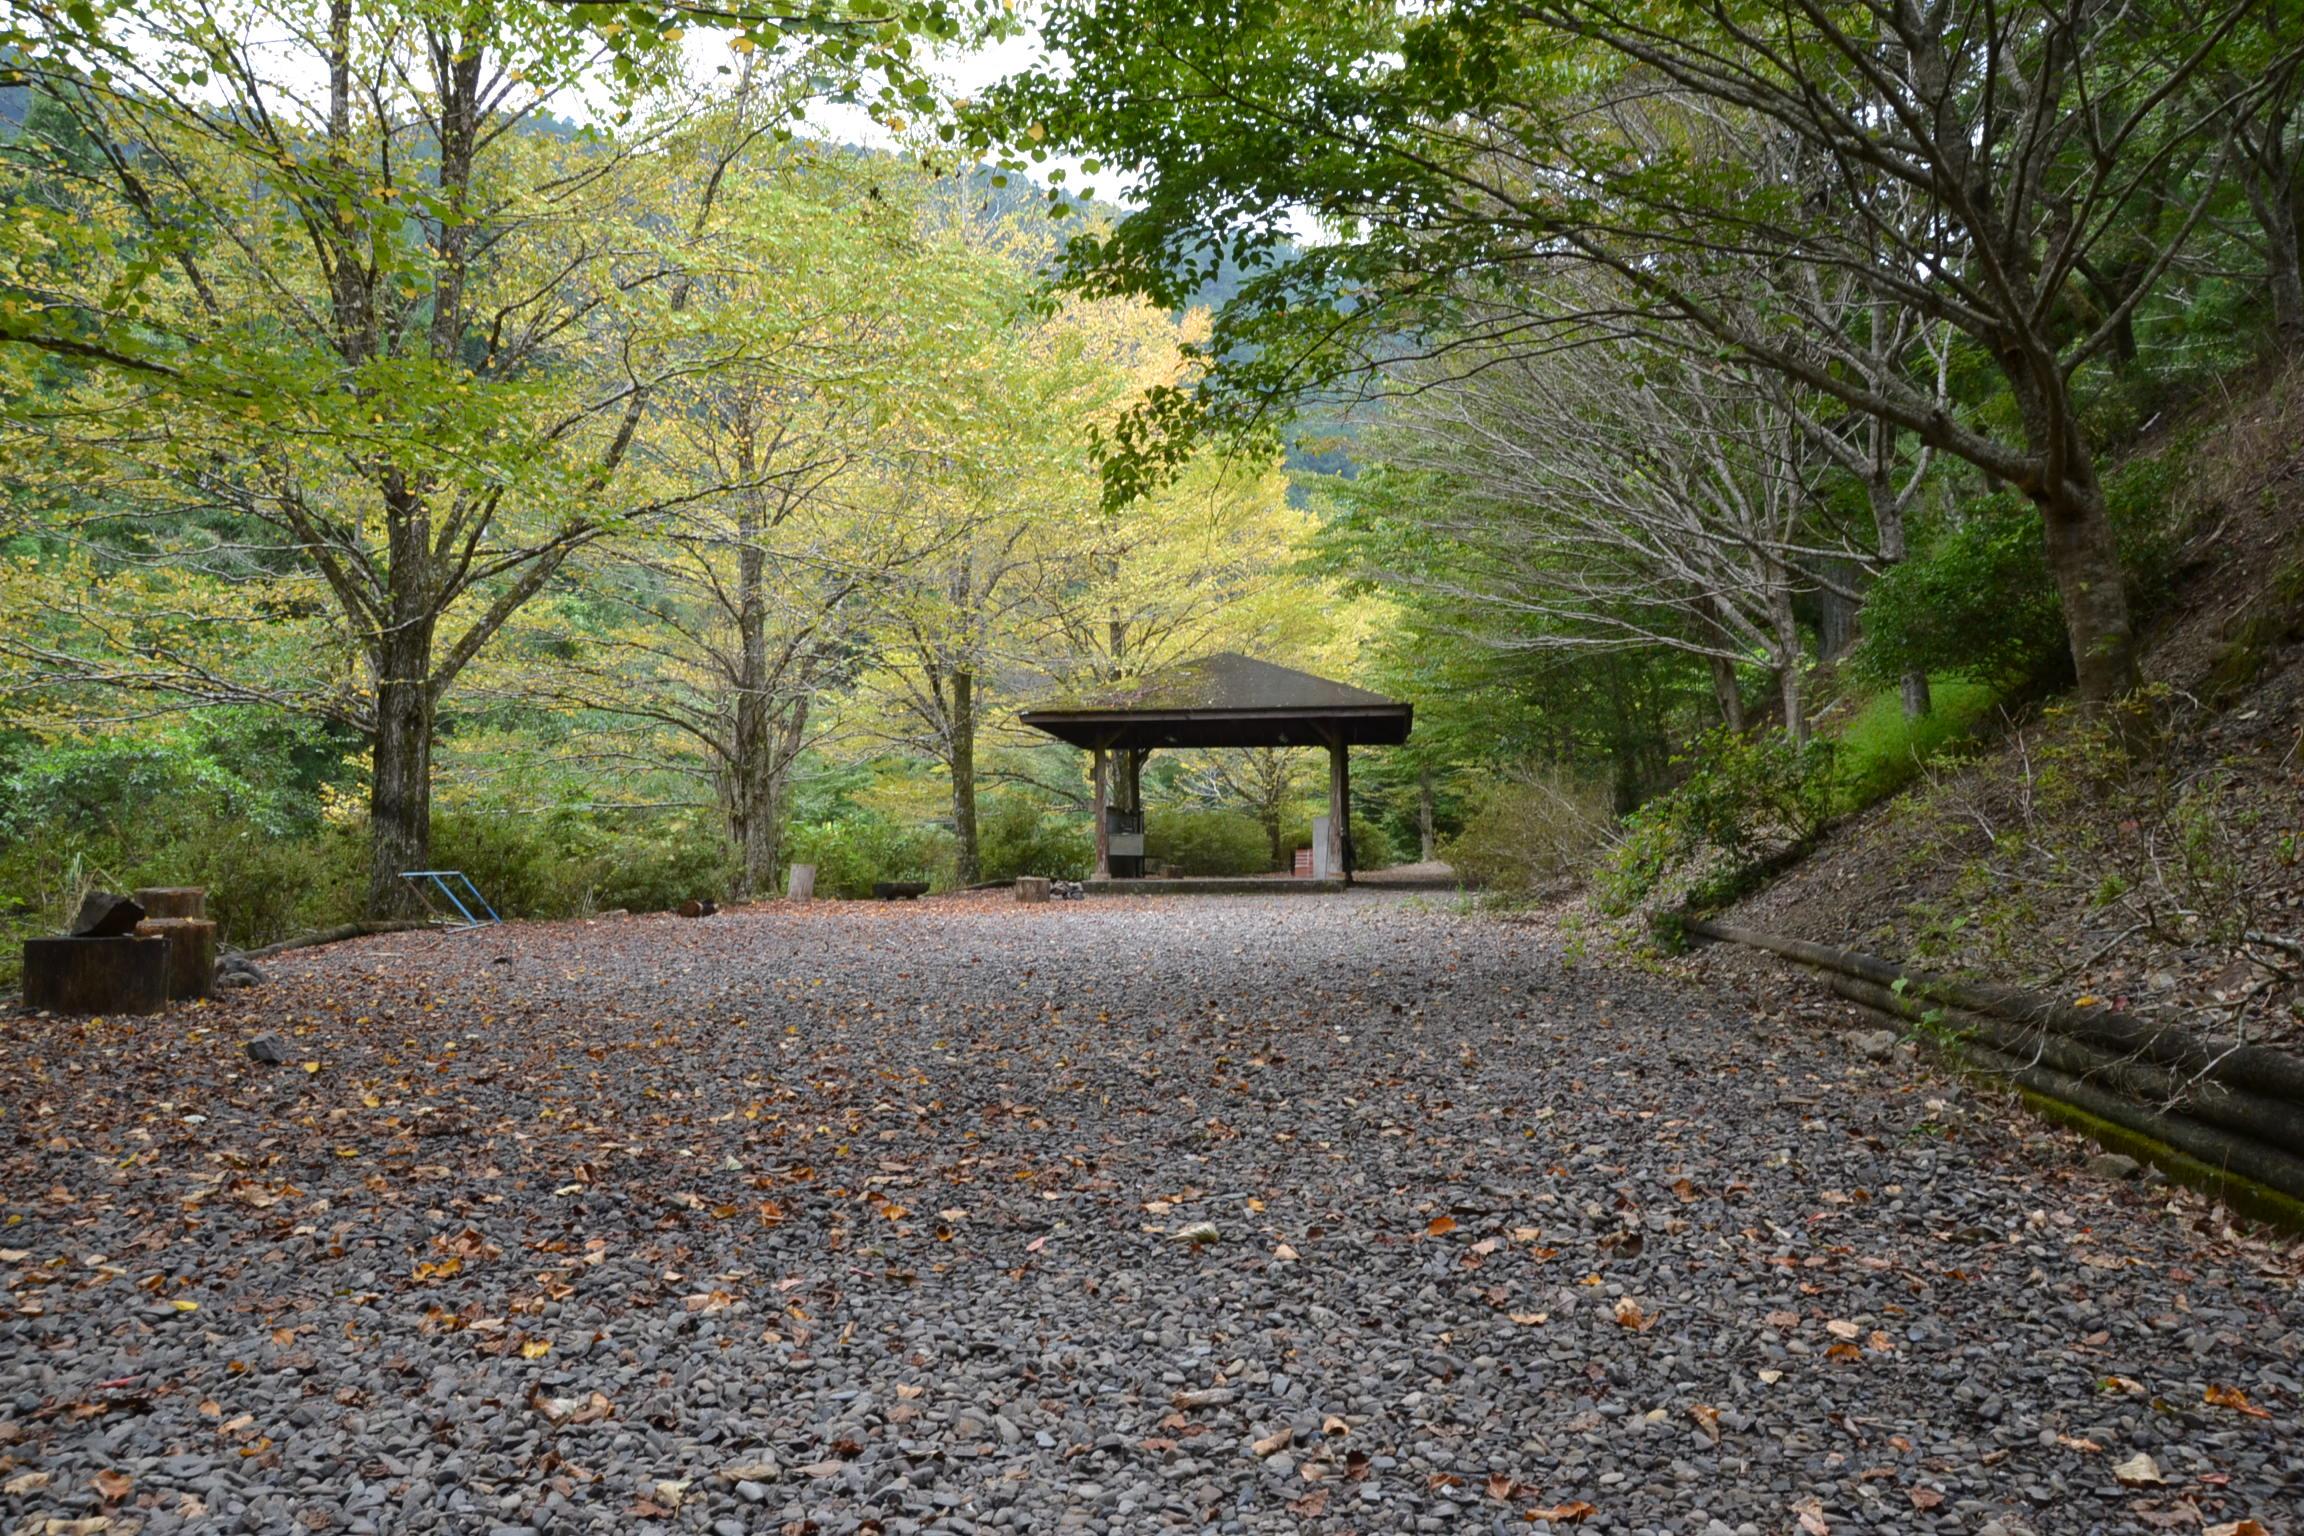 松葉川林間キャンプ場 松葉川温泉